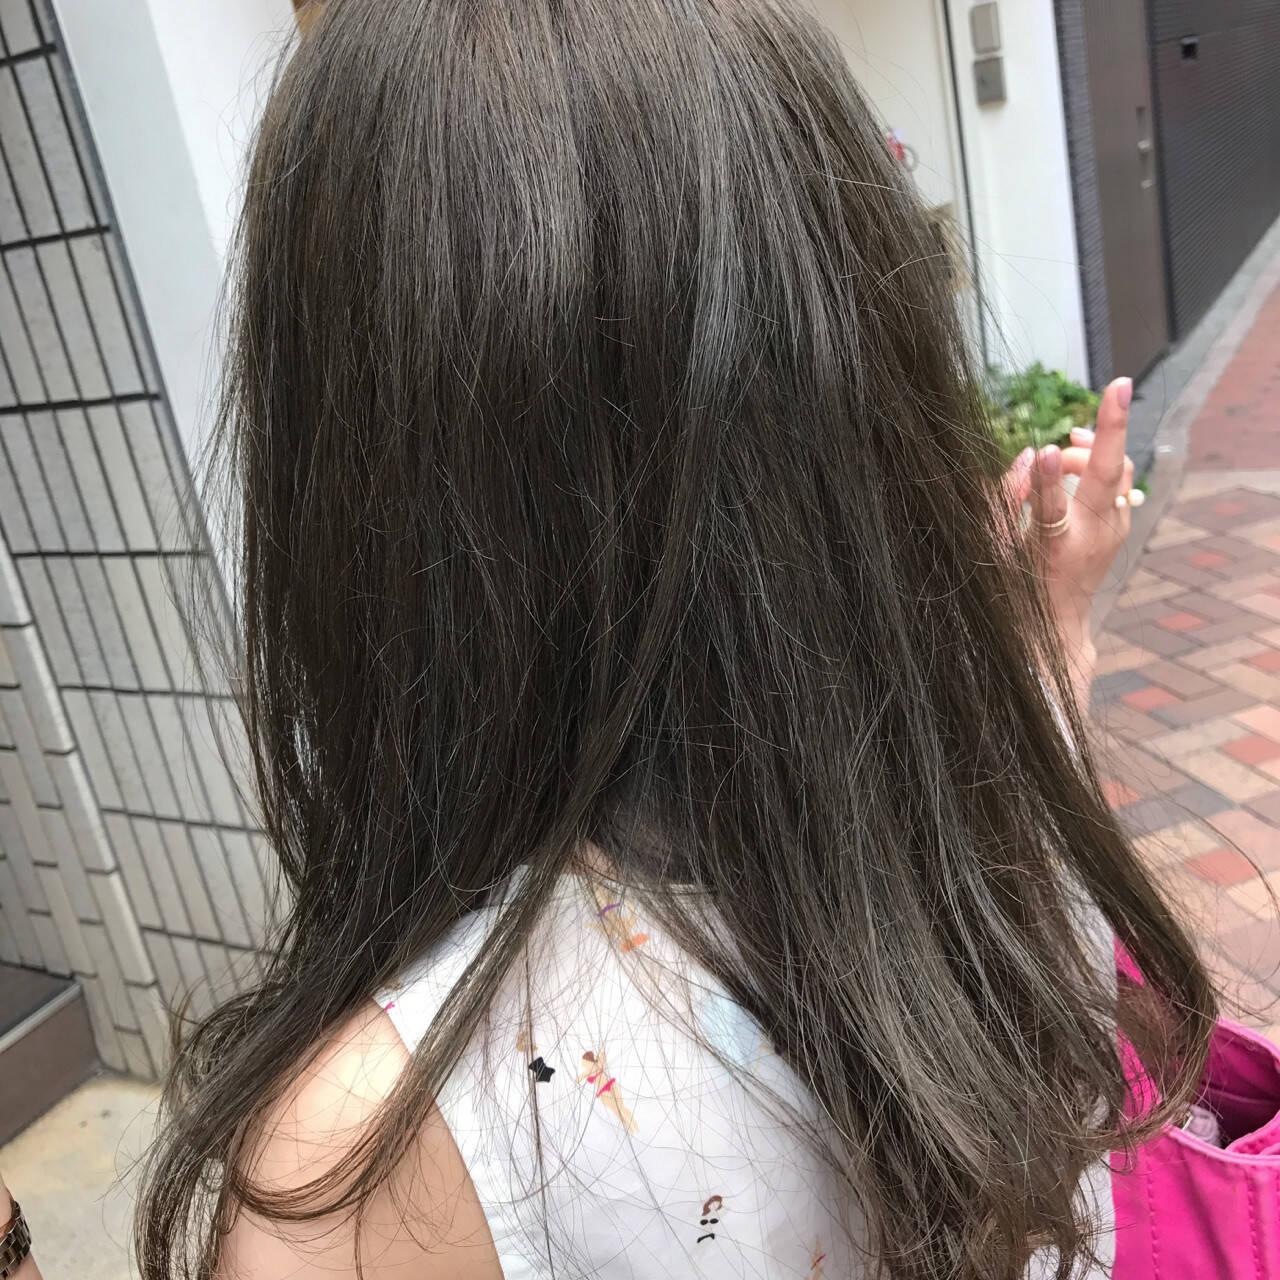 グレージュ セミロング ナチュラル 外国人風カラーヘアスタイルや髪型の写真・画像